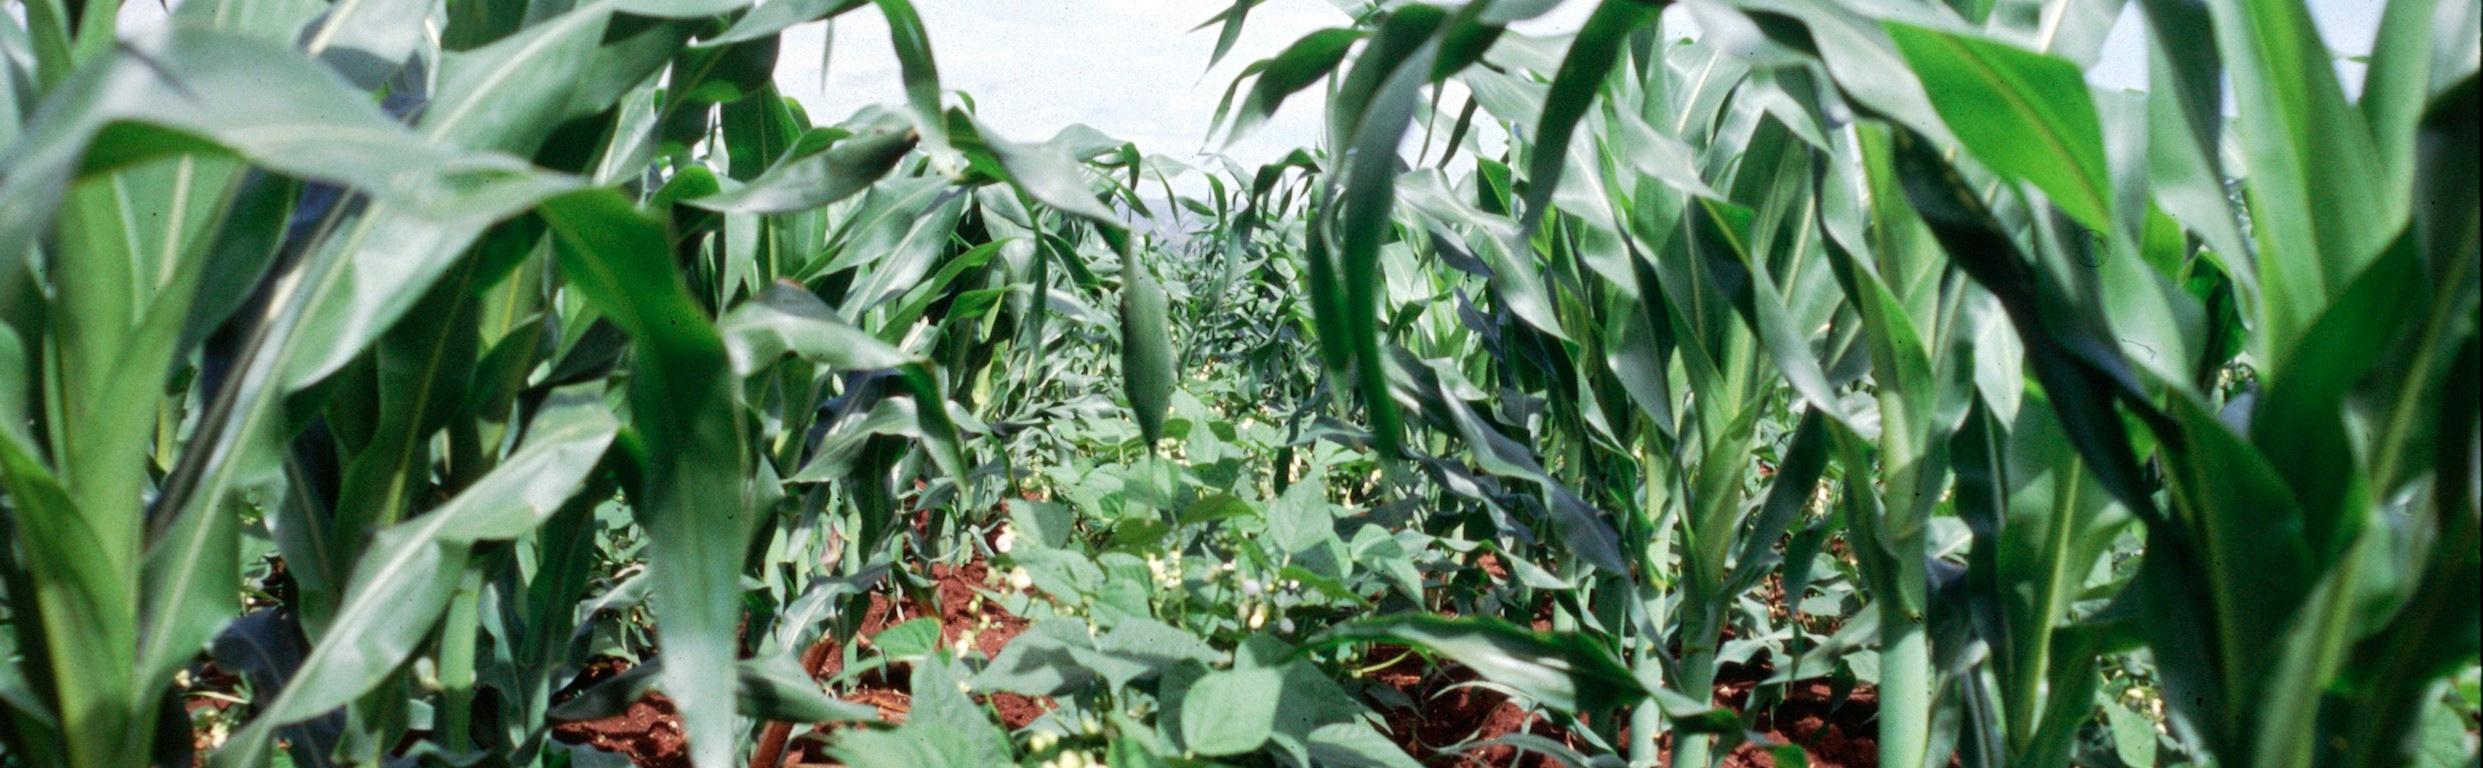 Maize-Bean intercrop